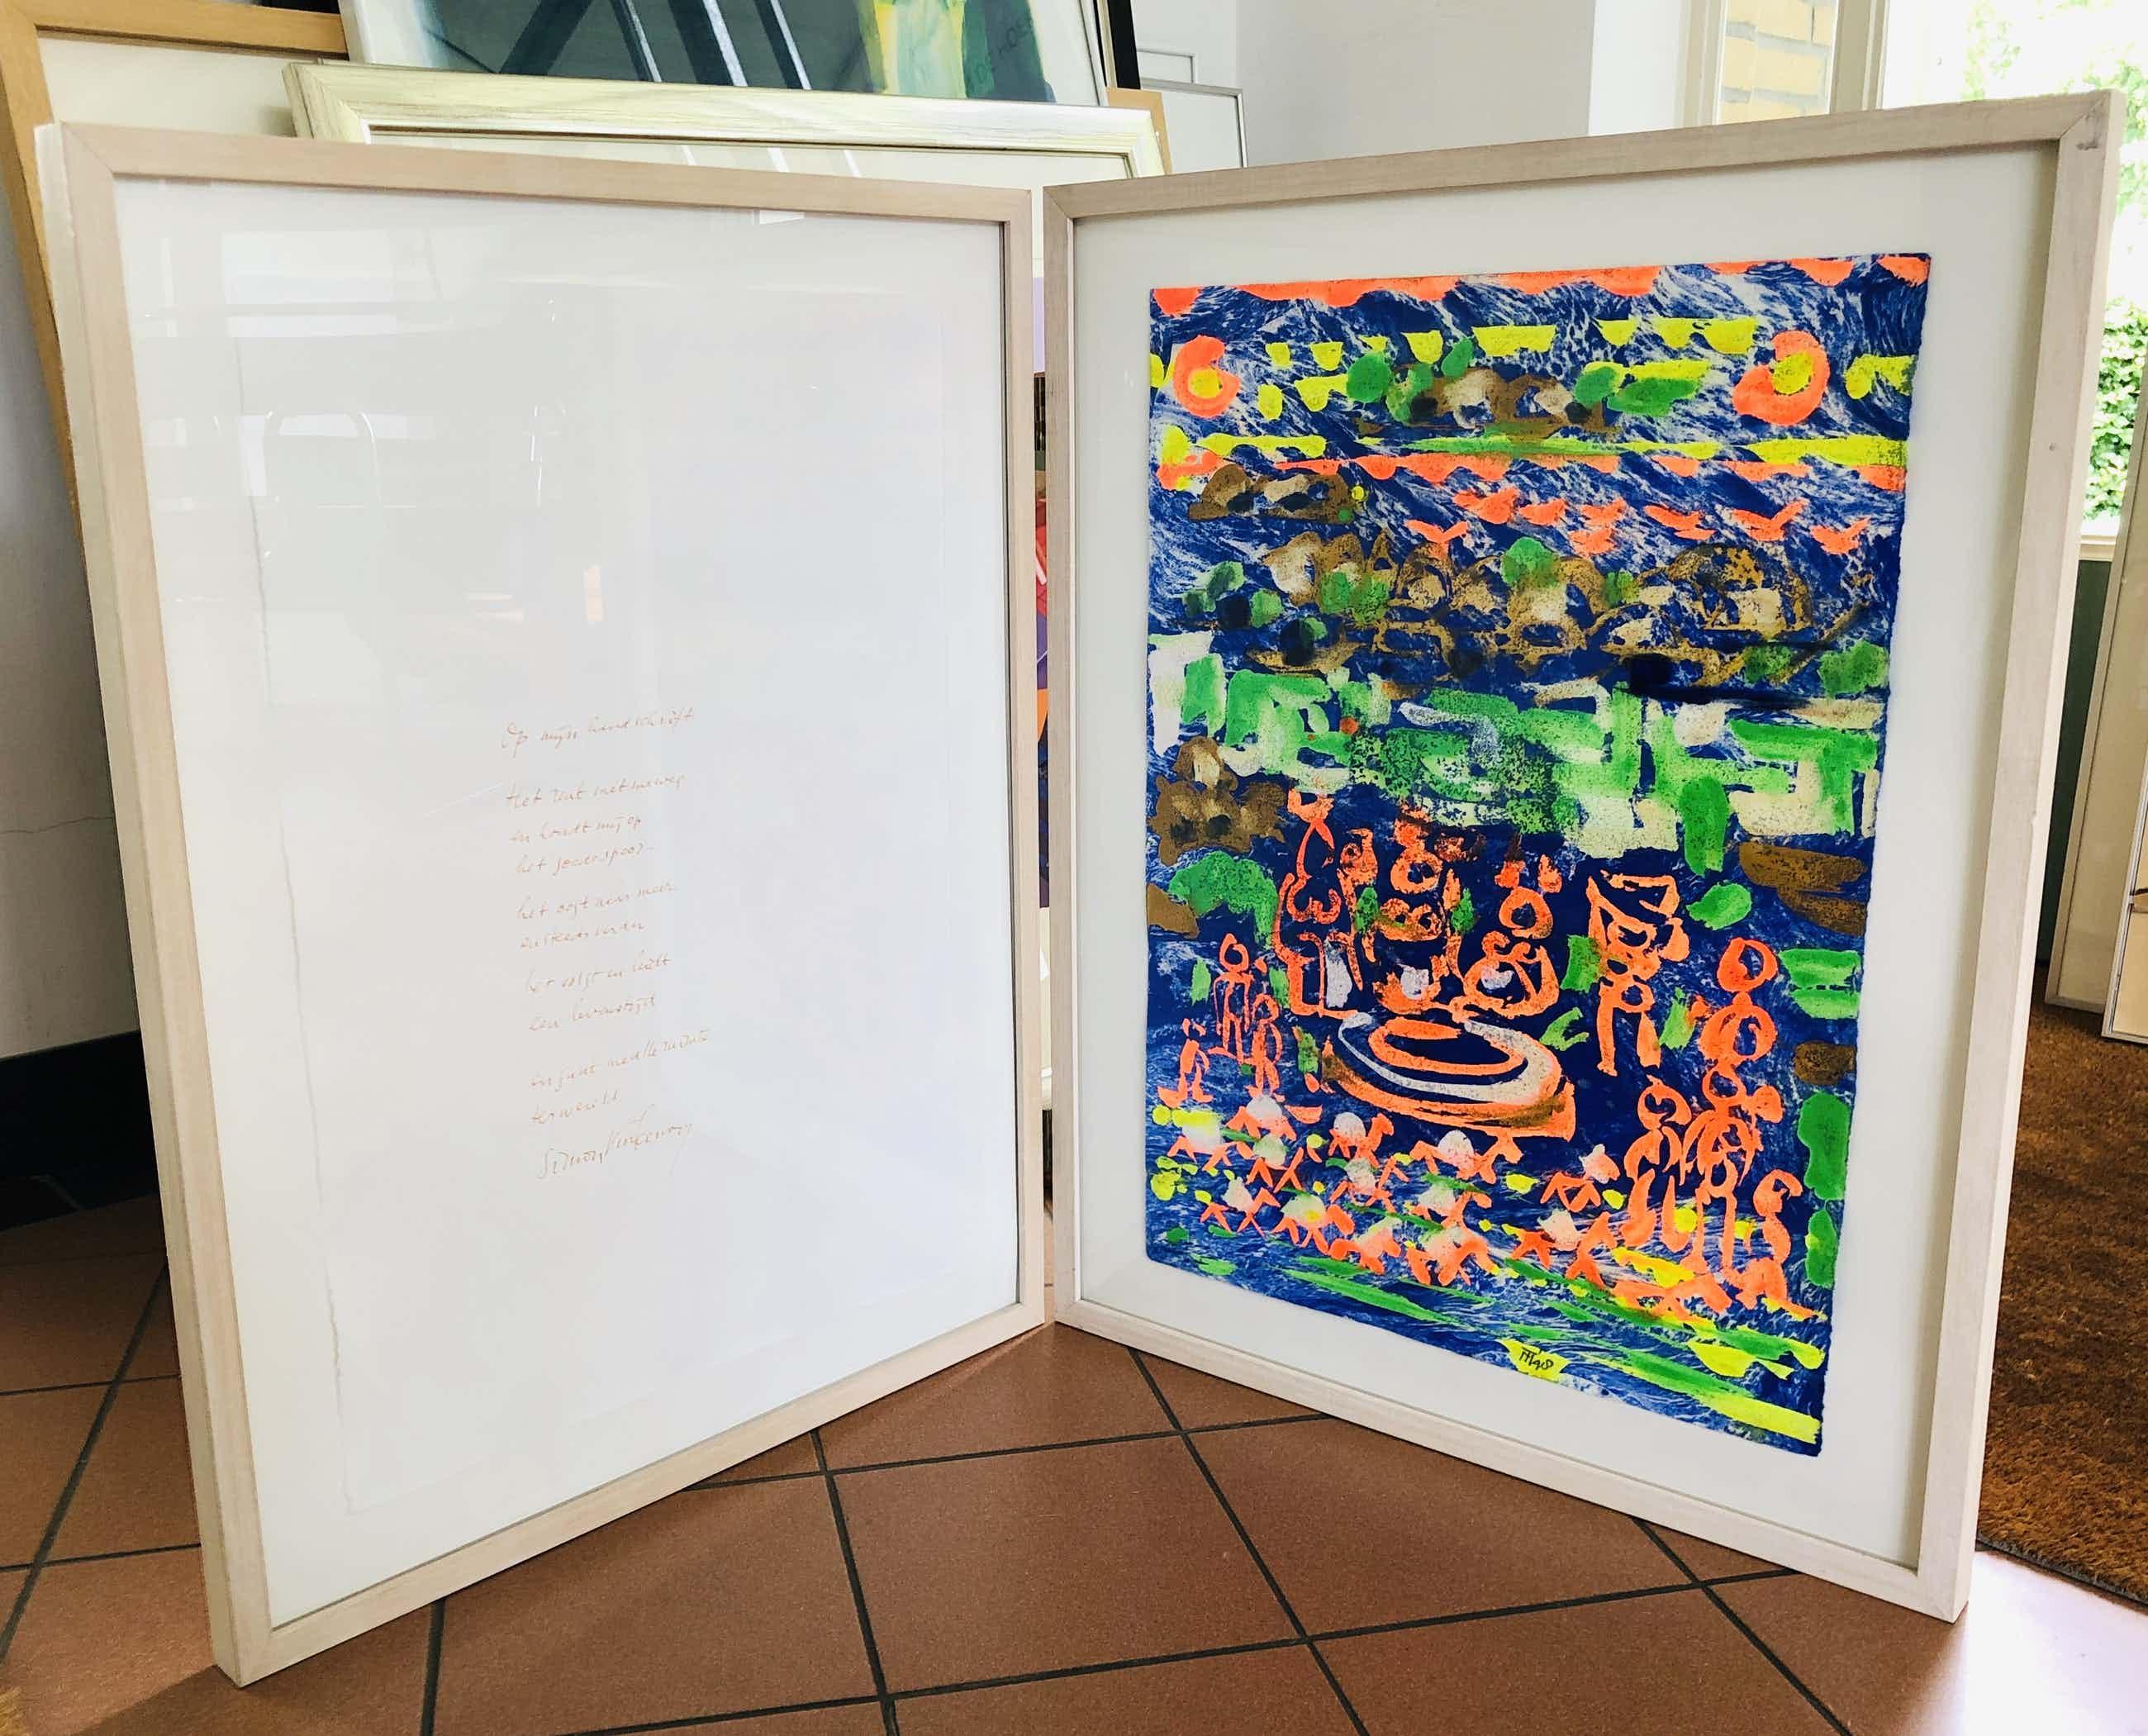 Simon Vinkenoog - Twee-luik met handgeschreven gedicht (Simon) en origineel werk Theo Niermeijer kopen? Bied vanaf 245!